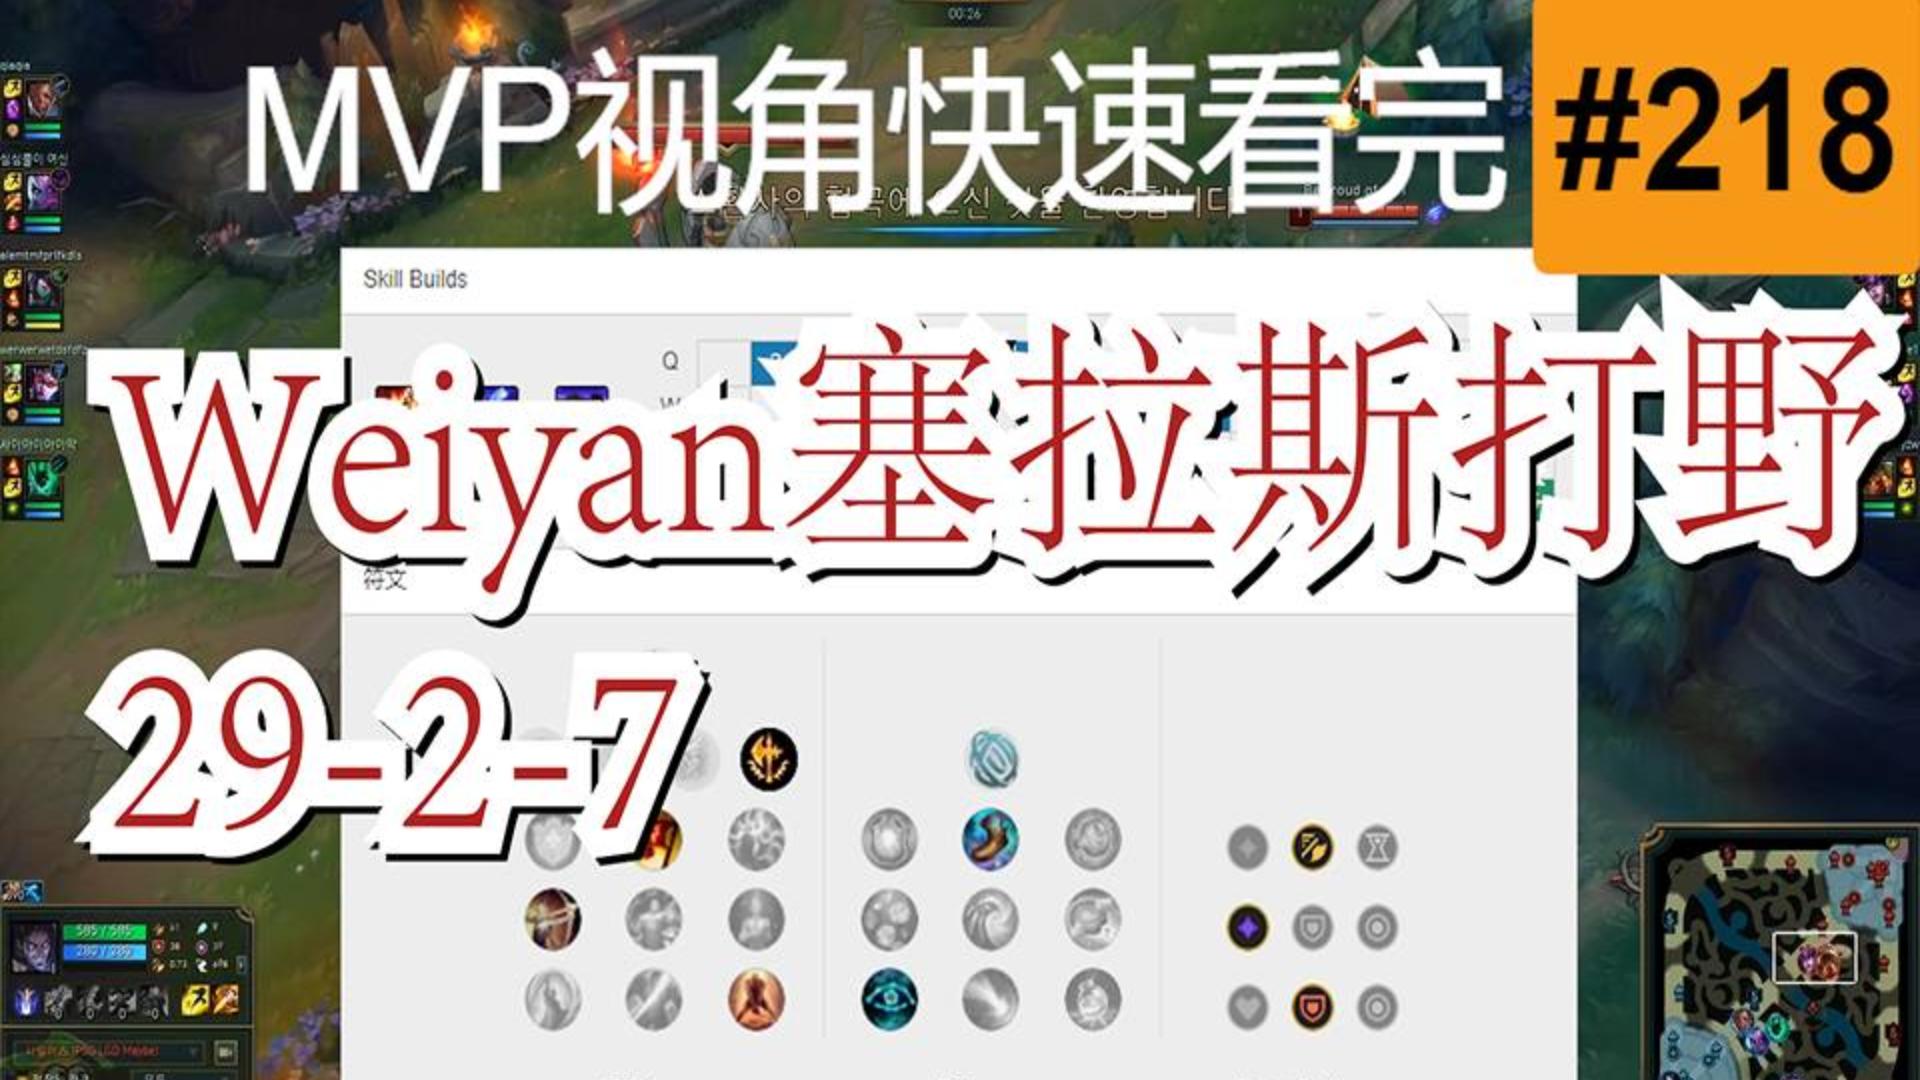 RW.Weiyan塞拉斯打野【MVP视角快速看完一局王者排位】#218